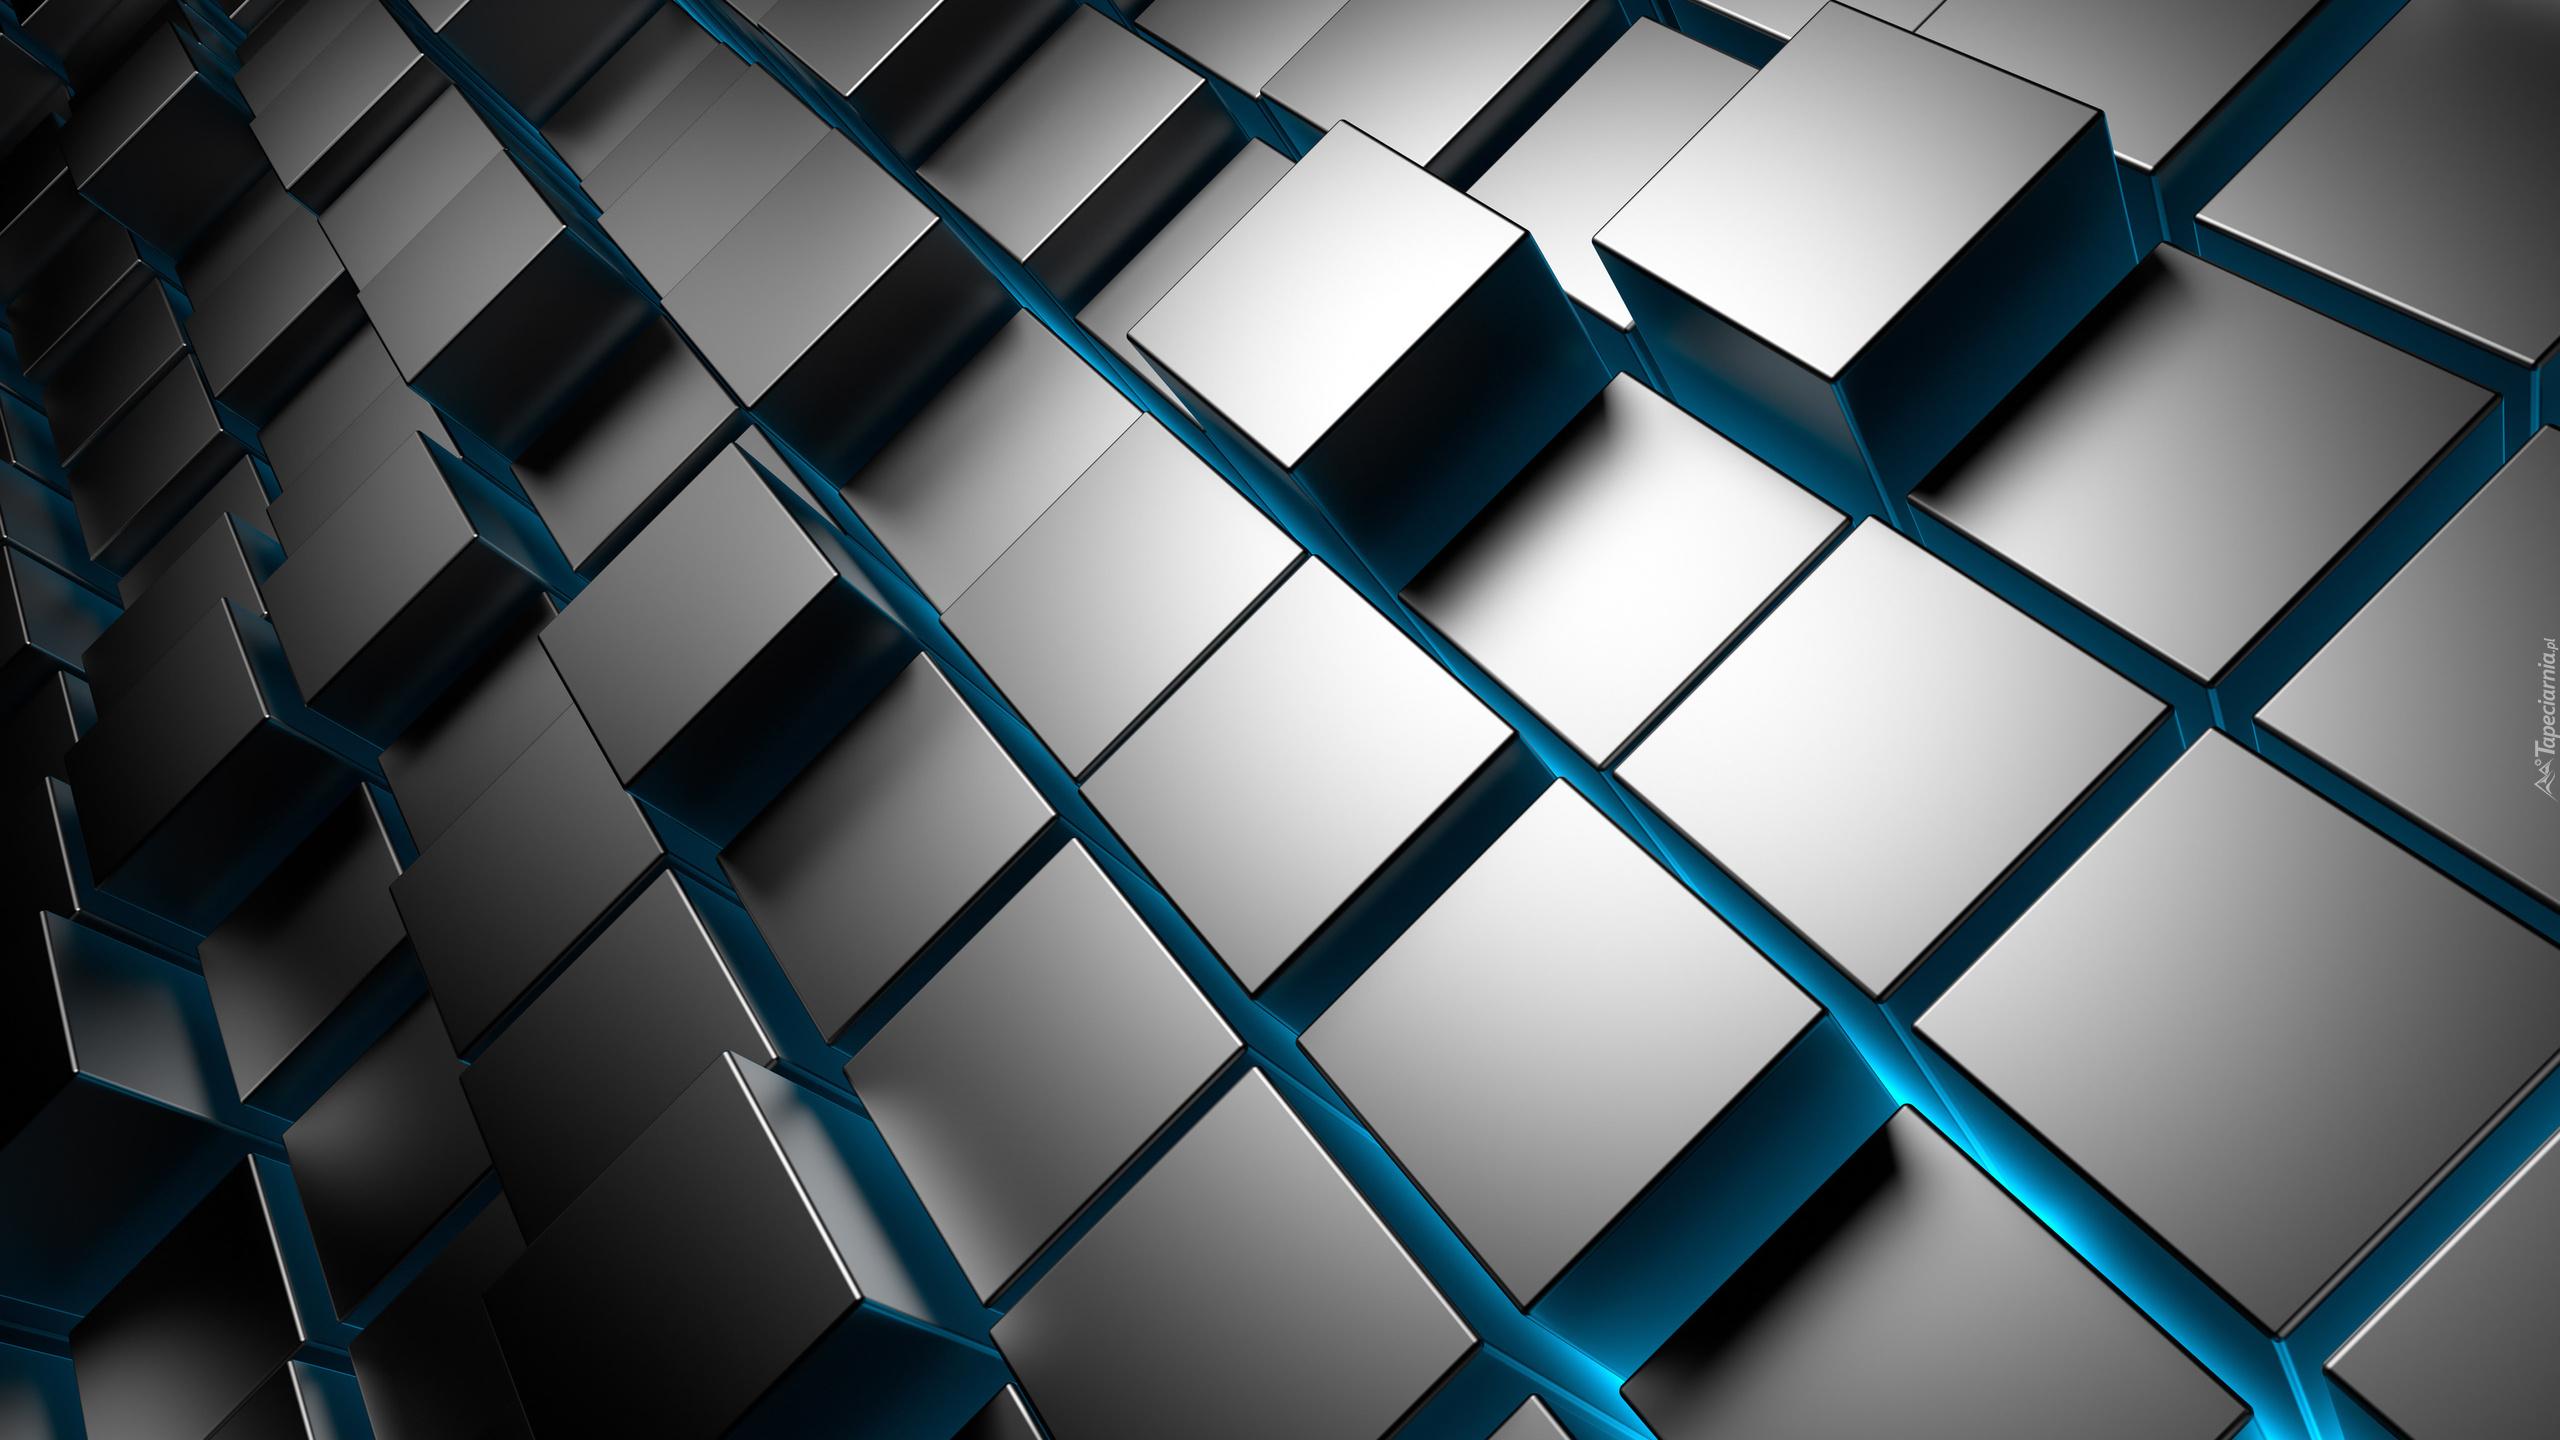 3d Blue Abstract Qhd Full Hd Wallpaper: Kostki W Grafice 3D